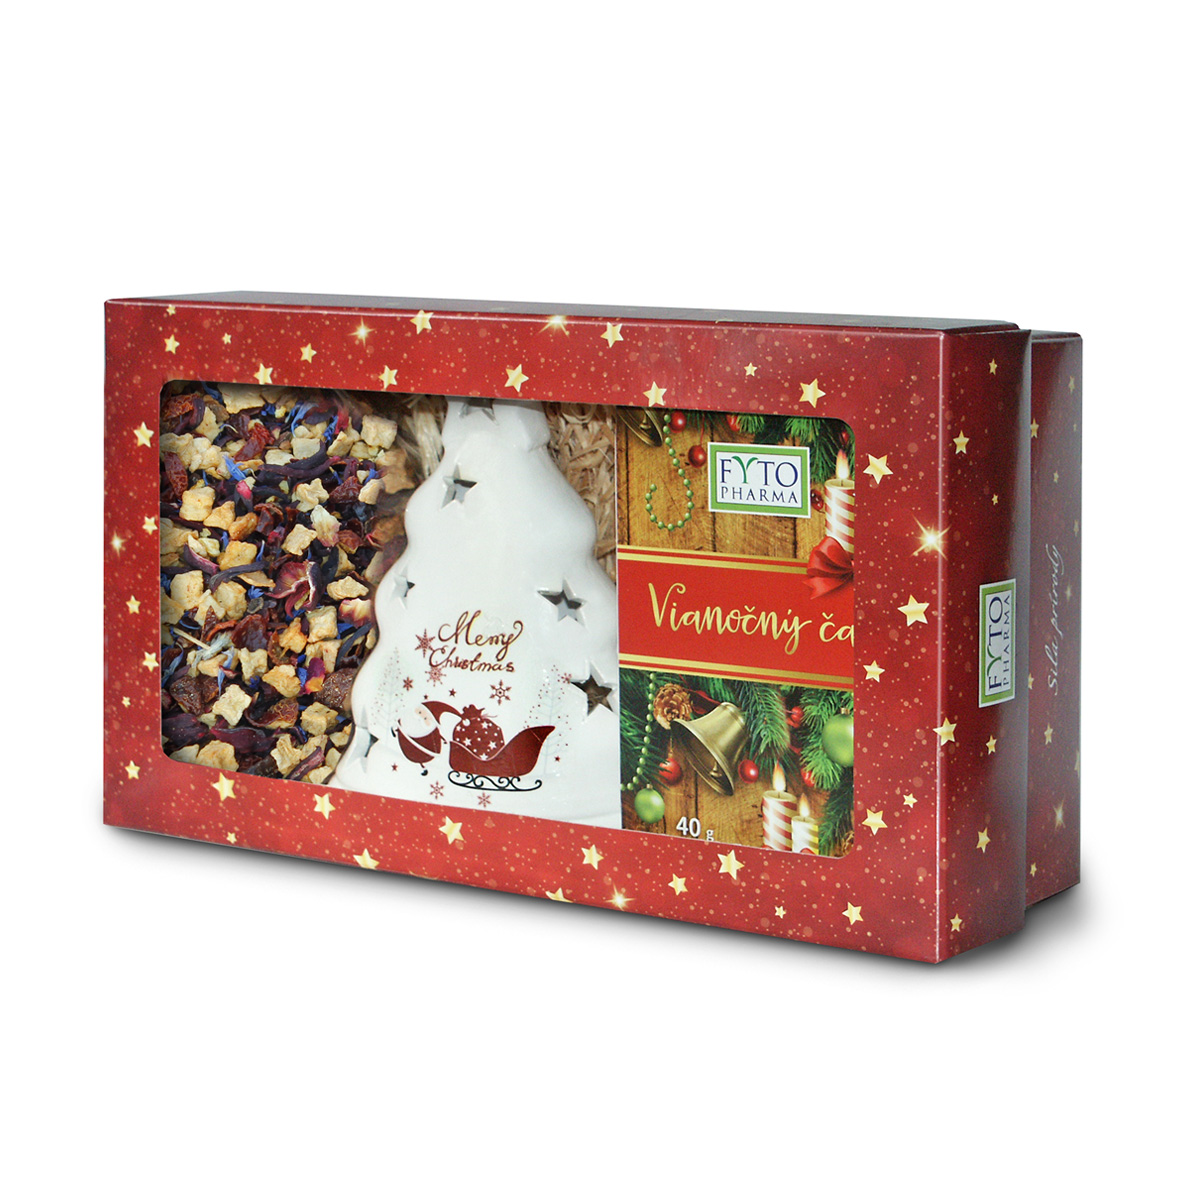 Fytopharma Dárková kazeta Vánoční čaje sypaný 100 g + porcovaný 20 x 2 g + svícen